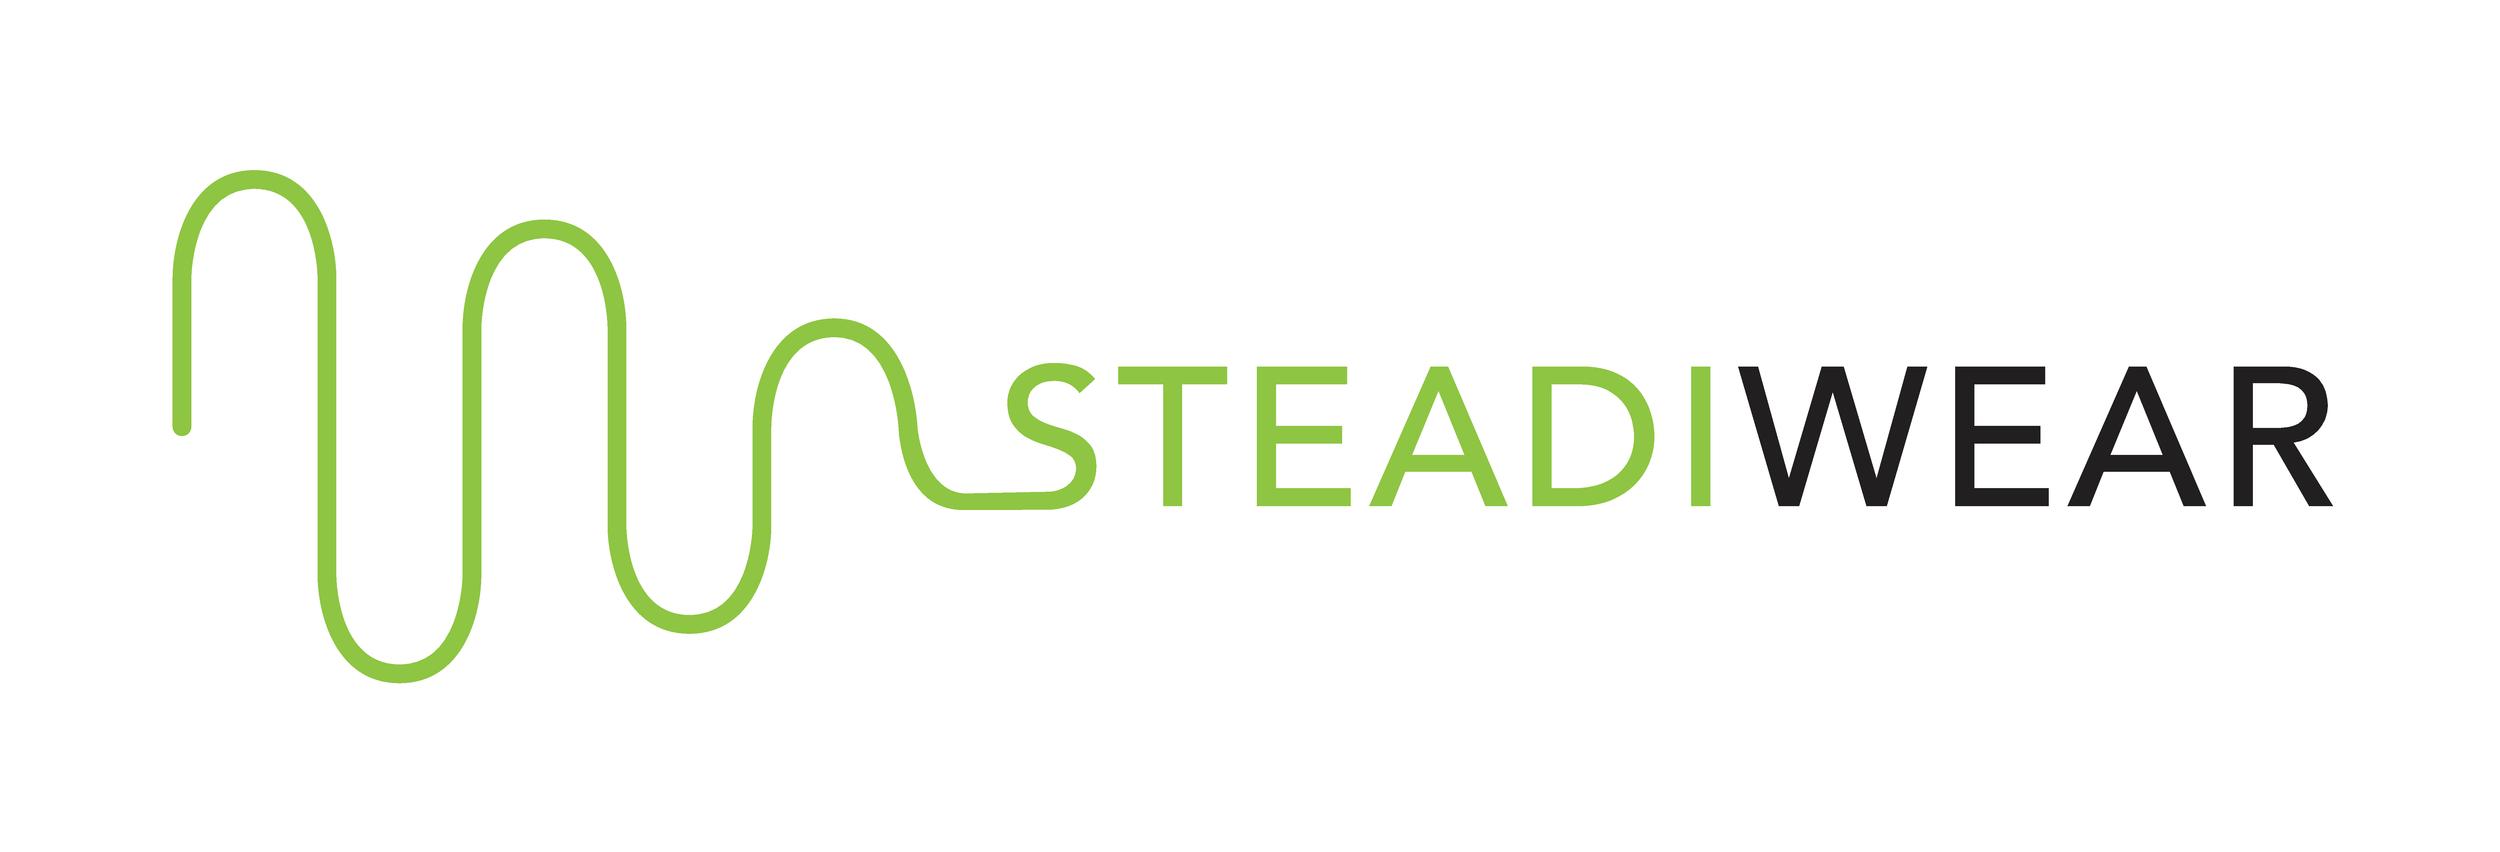 Steadiwear_Logo.png